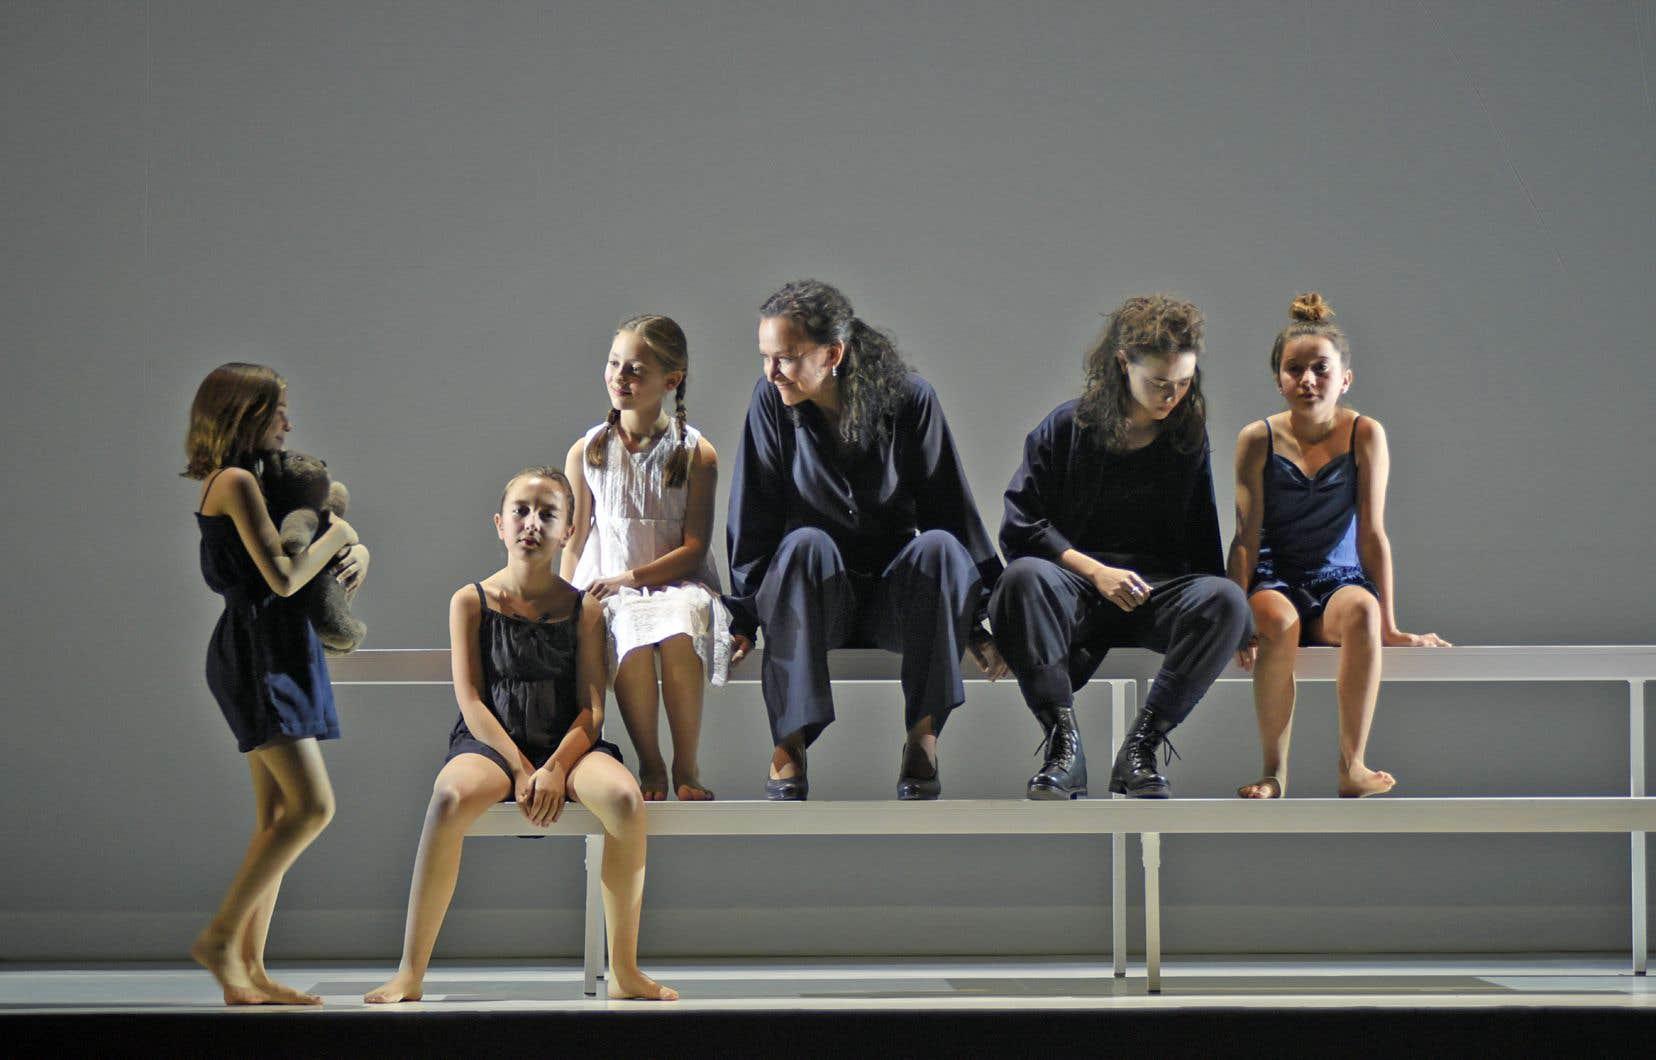 La pièce «Fleuve», présentée au TNM, est adaptée des romans autofictionnels de Sylvie Drapeau («Le fleuve», «Le ciel», «L'enfer» et «La terre»).